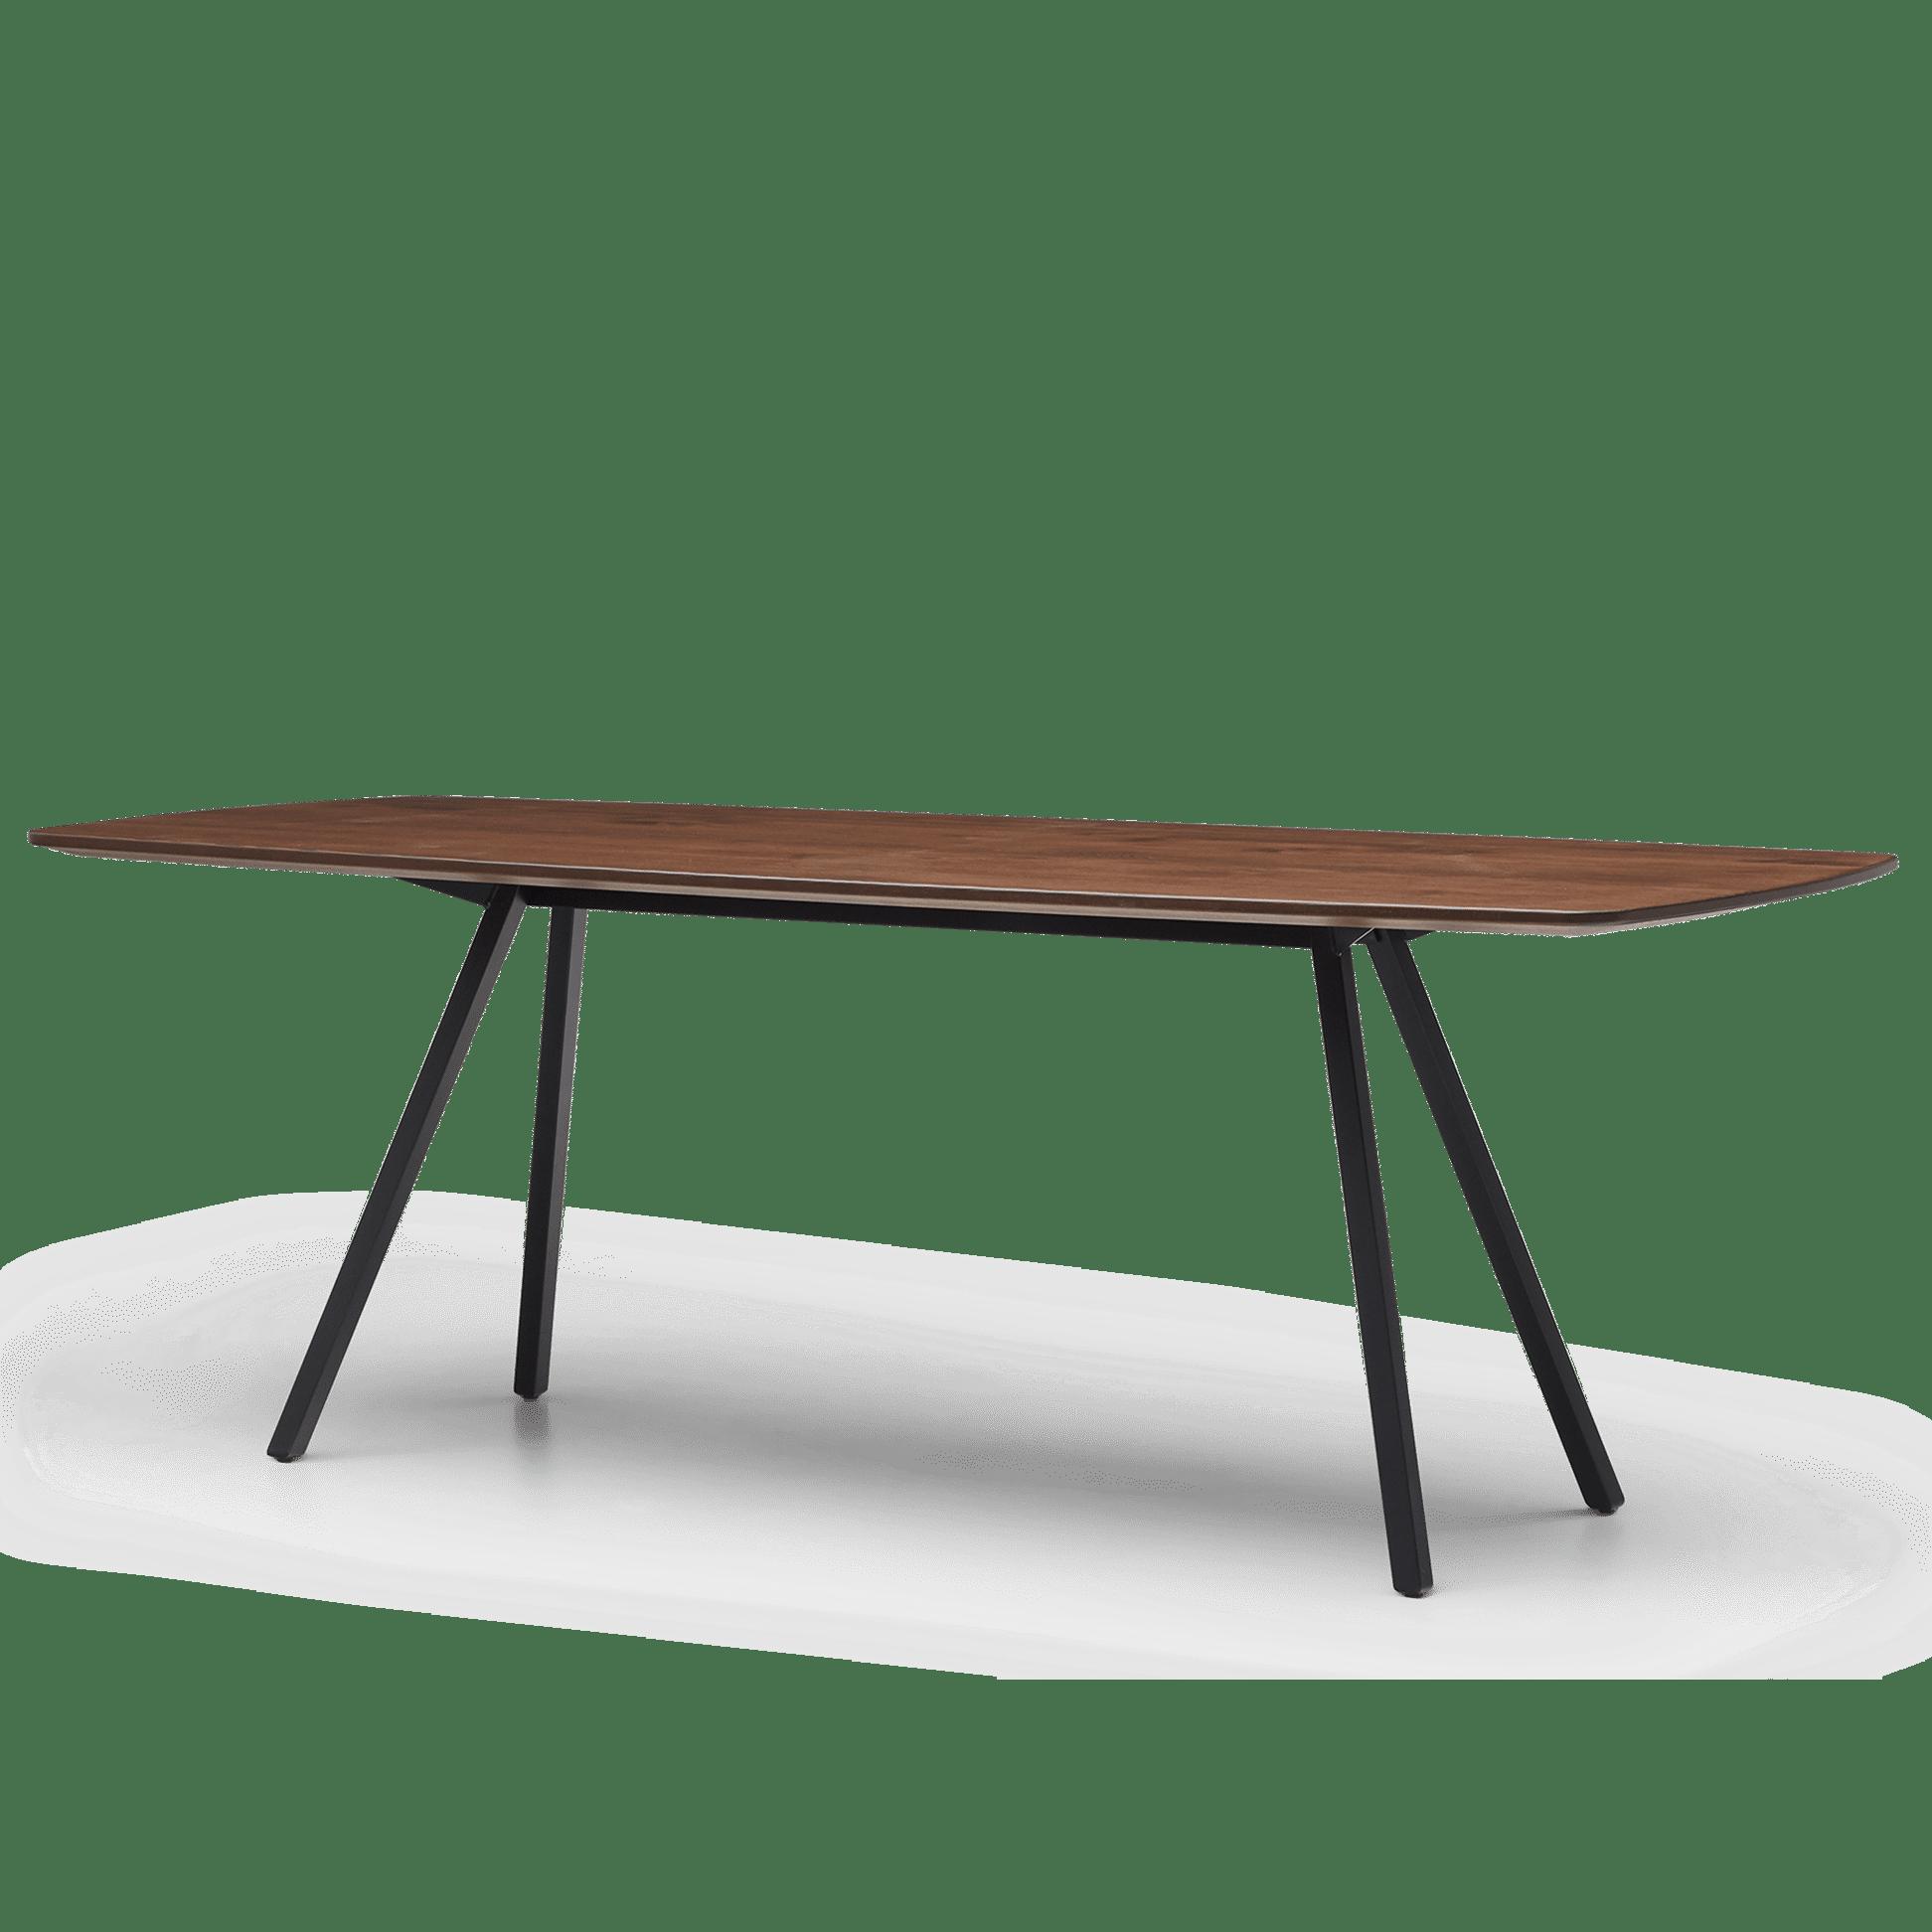 TB Poise Timber Meeting Table Smoke Angled web